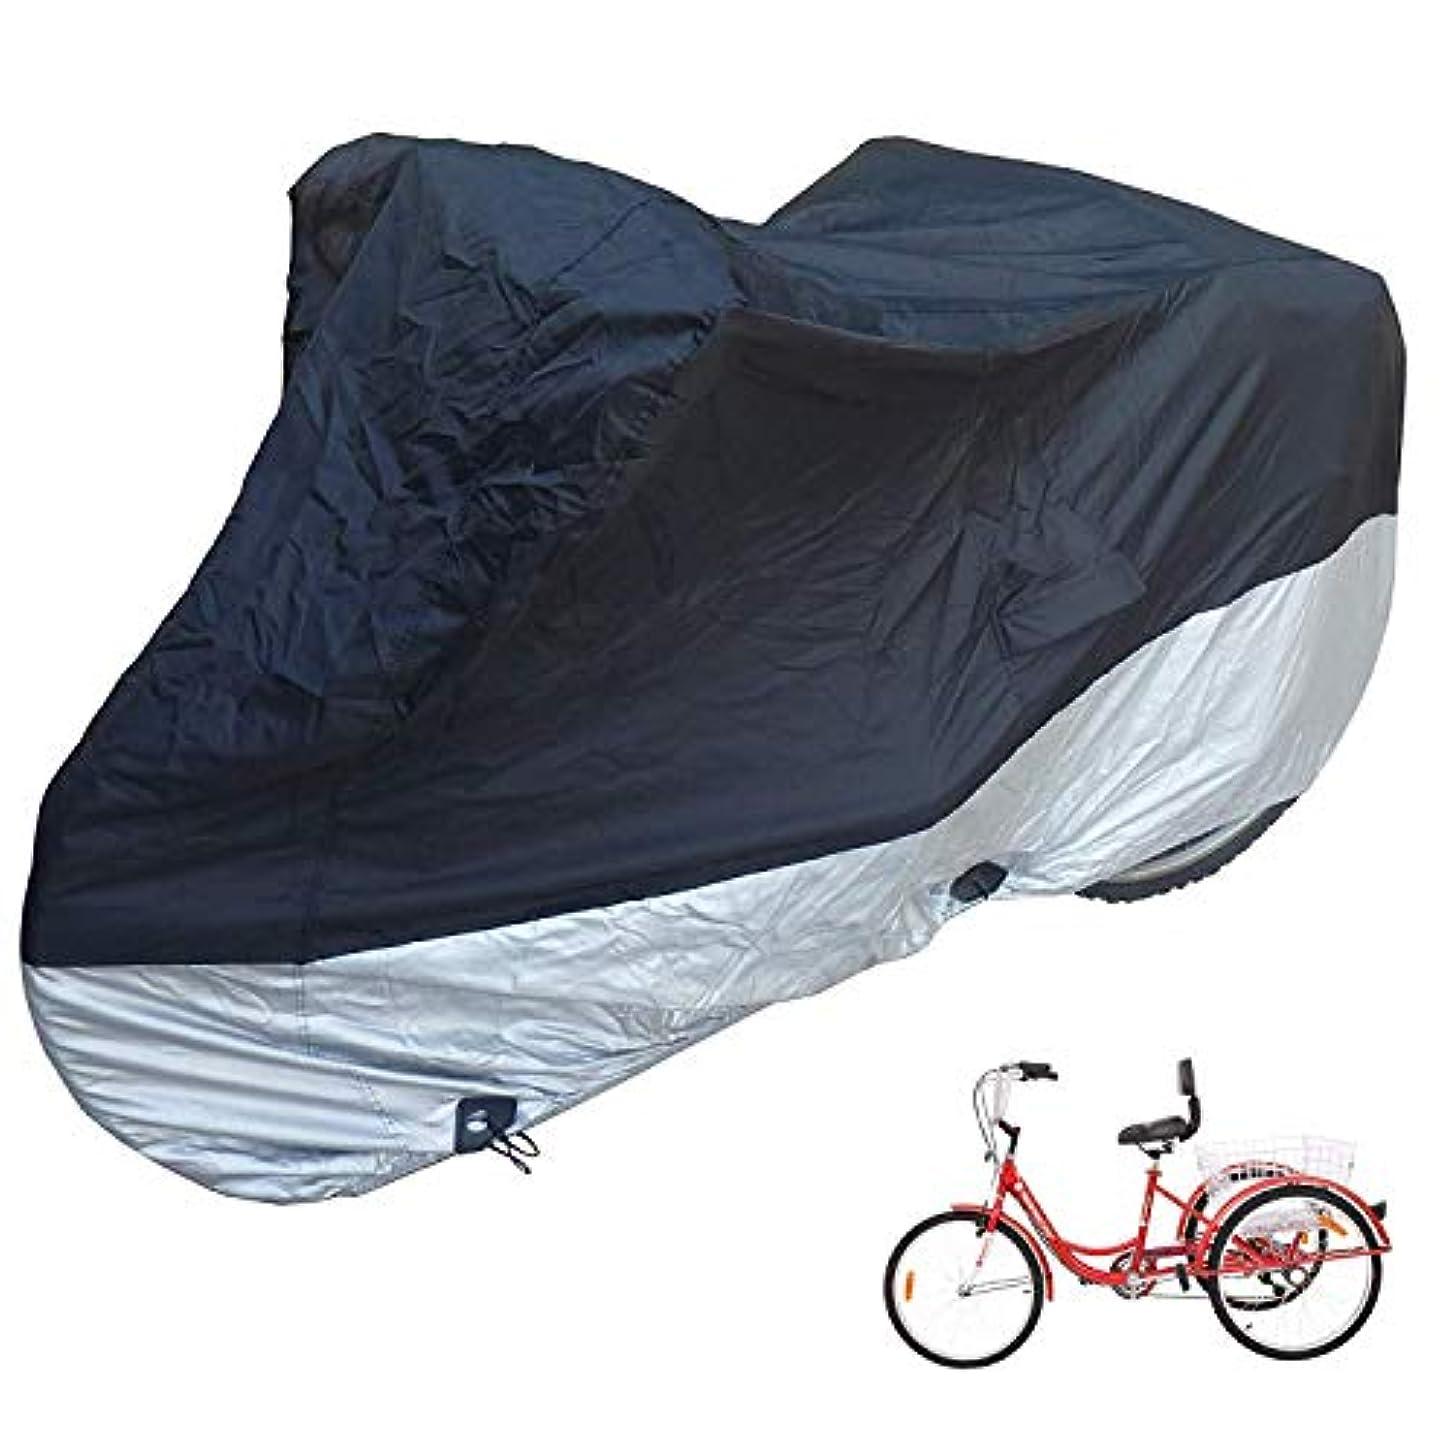 西部反抗指紋H&ZT 大人用 自転車カバー 自転車カバー 屋外 自転車 オートバイ 収納カバー 高耐久 リップストップ素材 防水 耐紫外線 (長さ75インチ x 幅30インチ x 高さ44インチ)